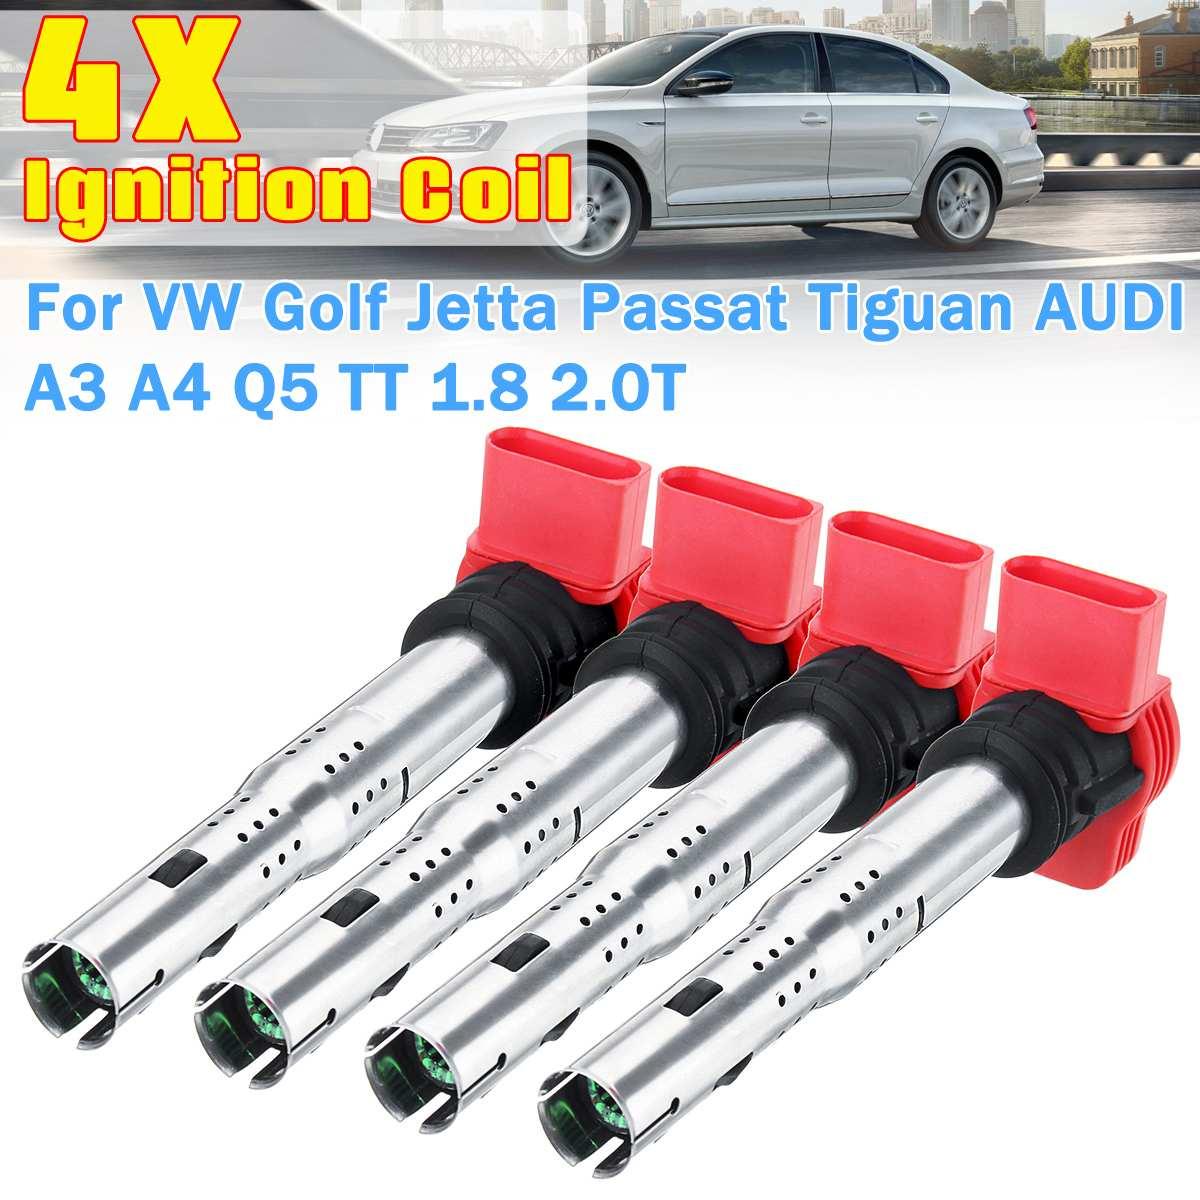 4Pcs 06E905115A/B/C/D/E Universele Bobine voor VW voor Golf voor Jetta voor Passat voor Tiguan voor AUDI A3 A4 Q5 TT 1.8 2.0T